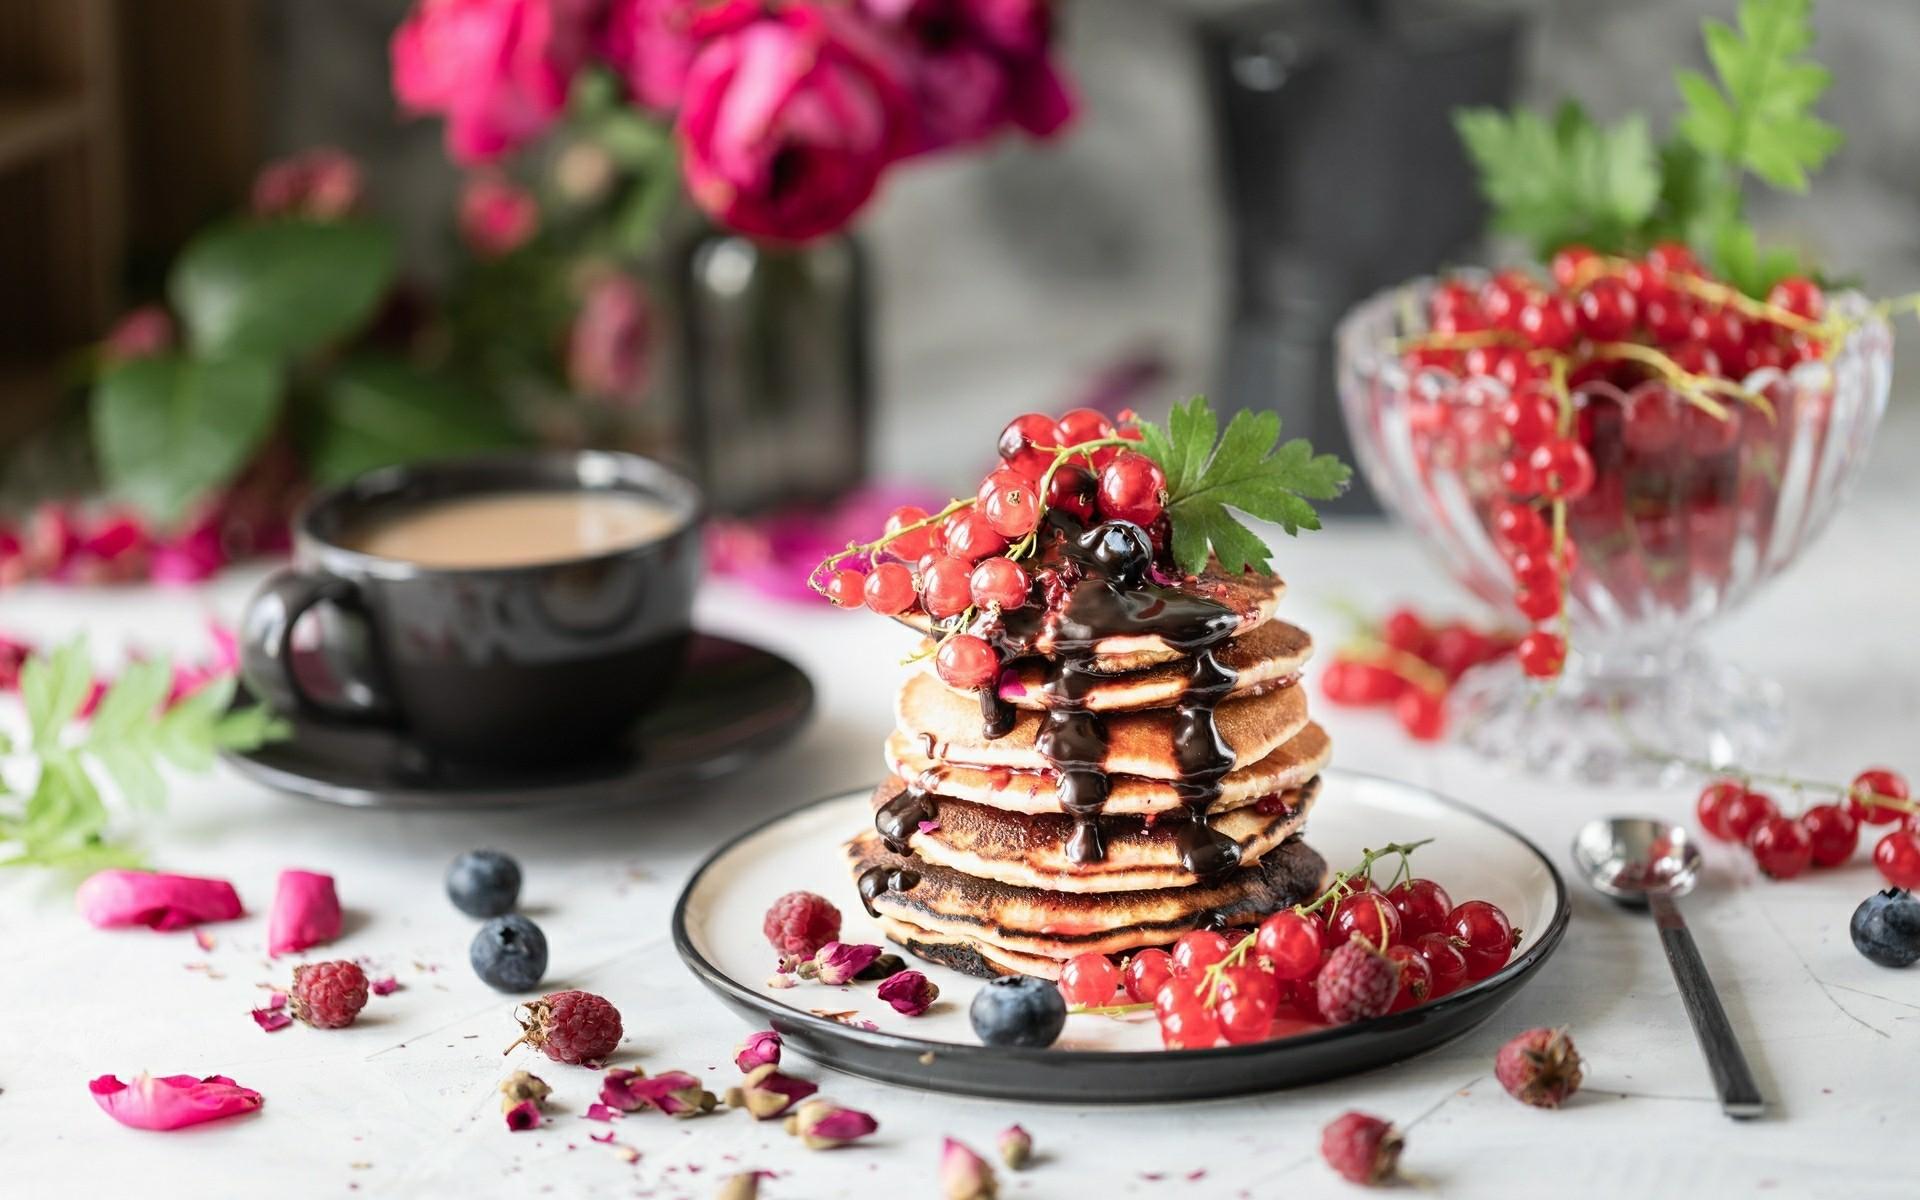 Crêpes, fond d'écran nourriture - Pancakes wallpaper